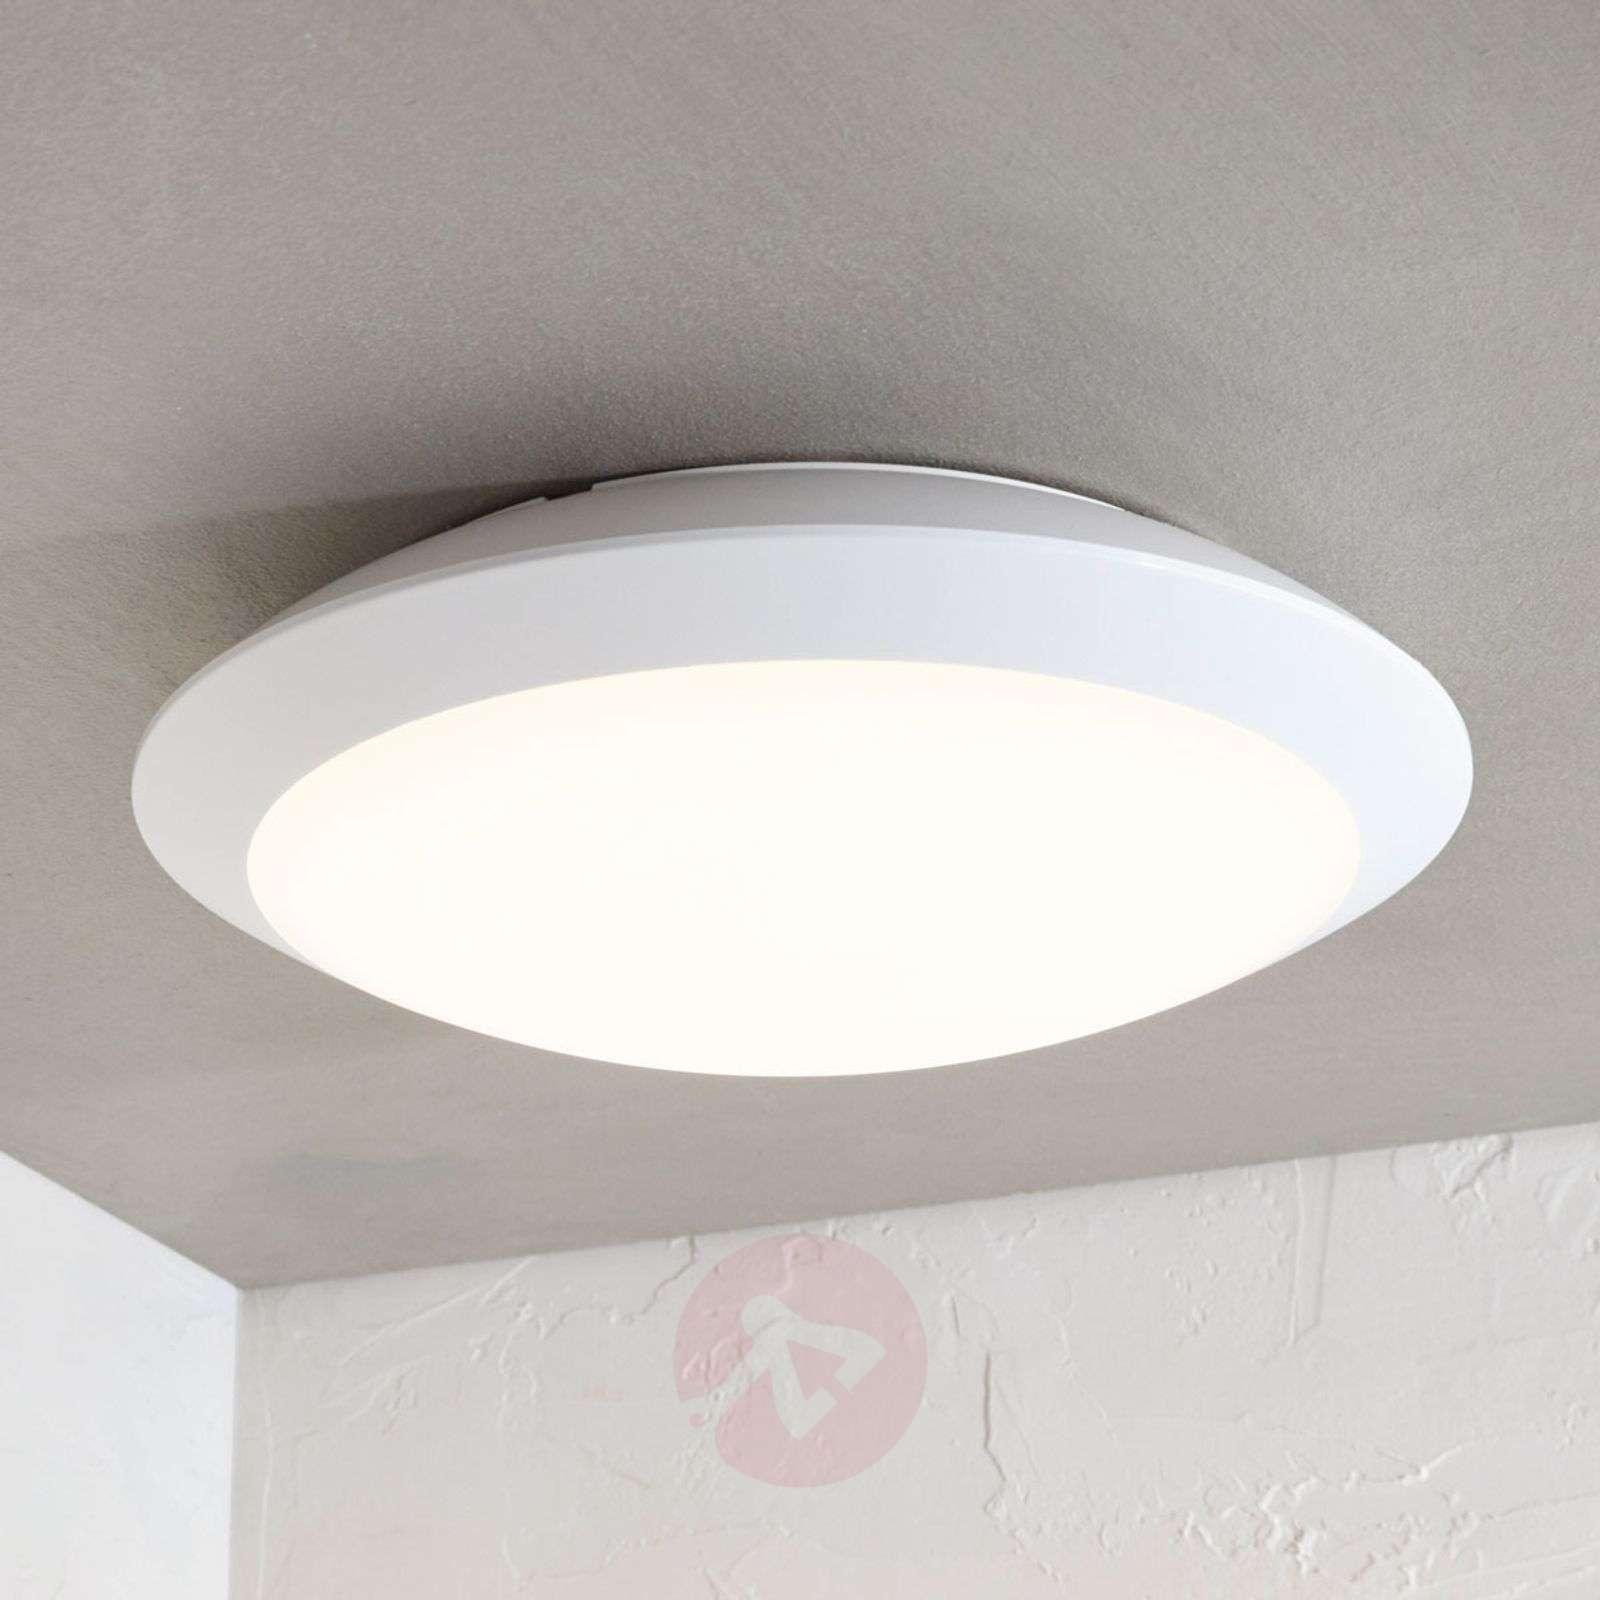 LED-ulkokattovalaisin Naira, valkoinen, ei anturia-9949019-01